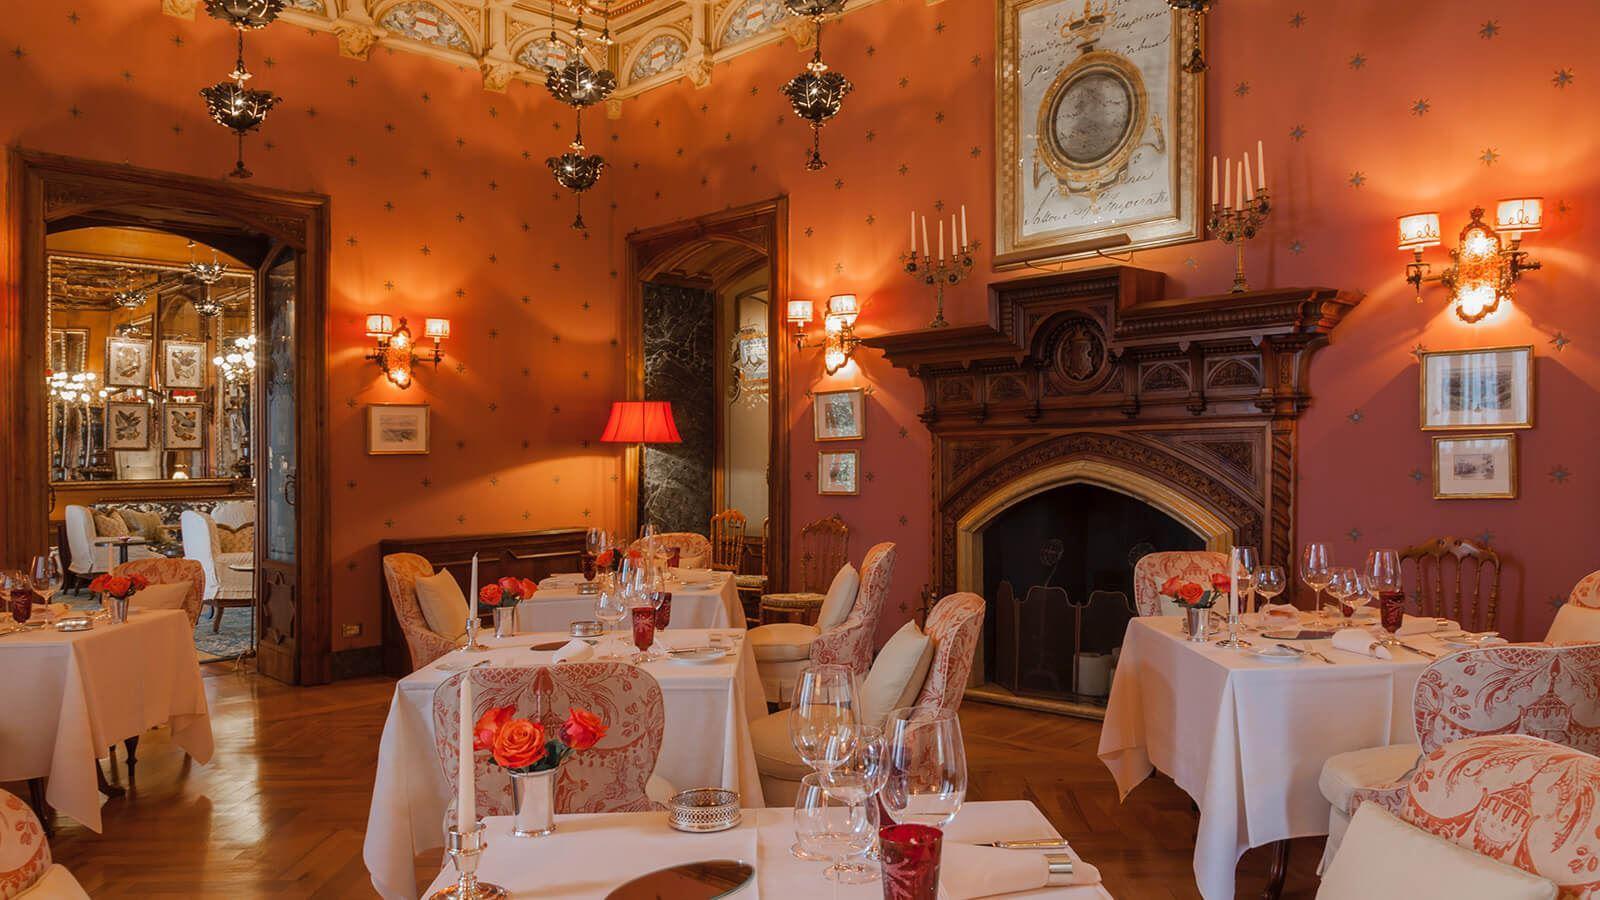 Grand-Hotel-Villa-Feltrinelli-Restaurant-Dining-Room